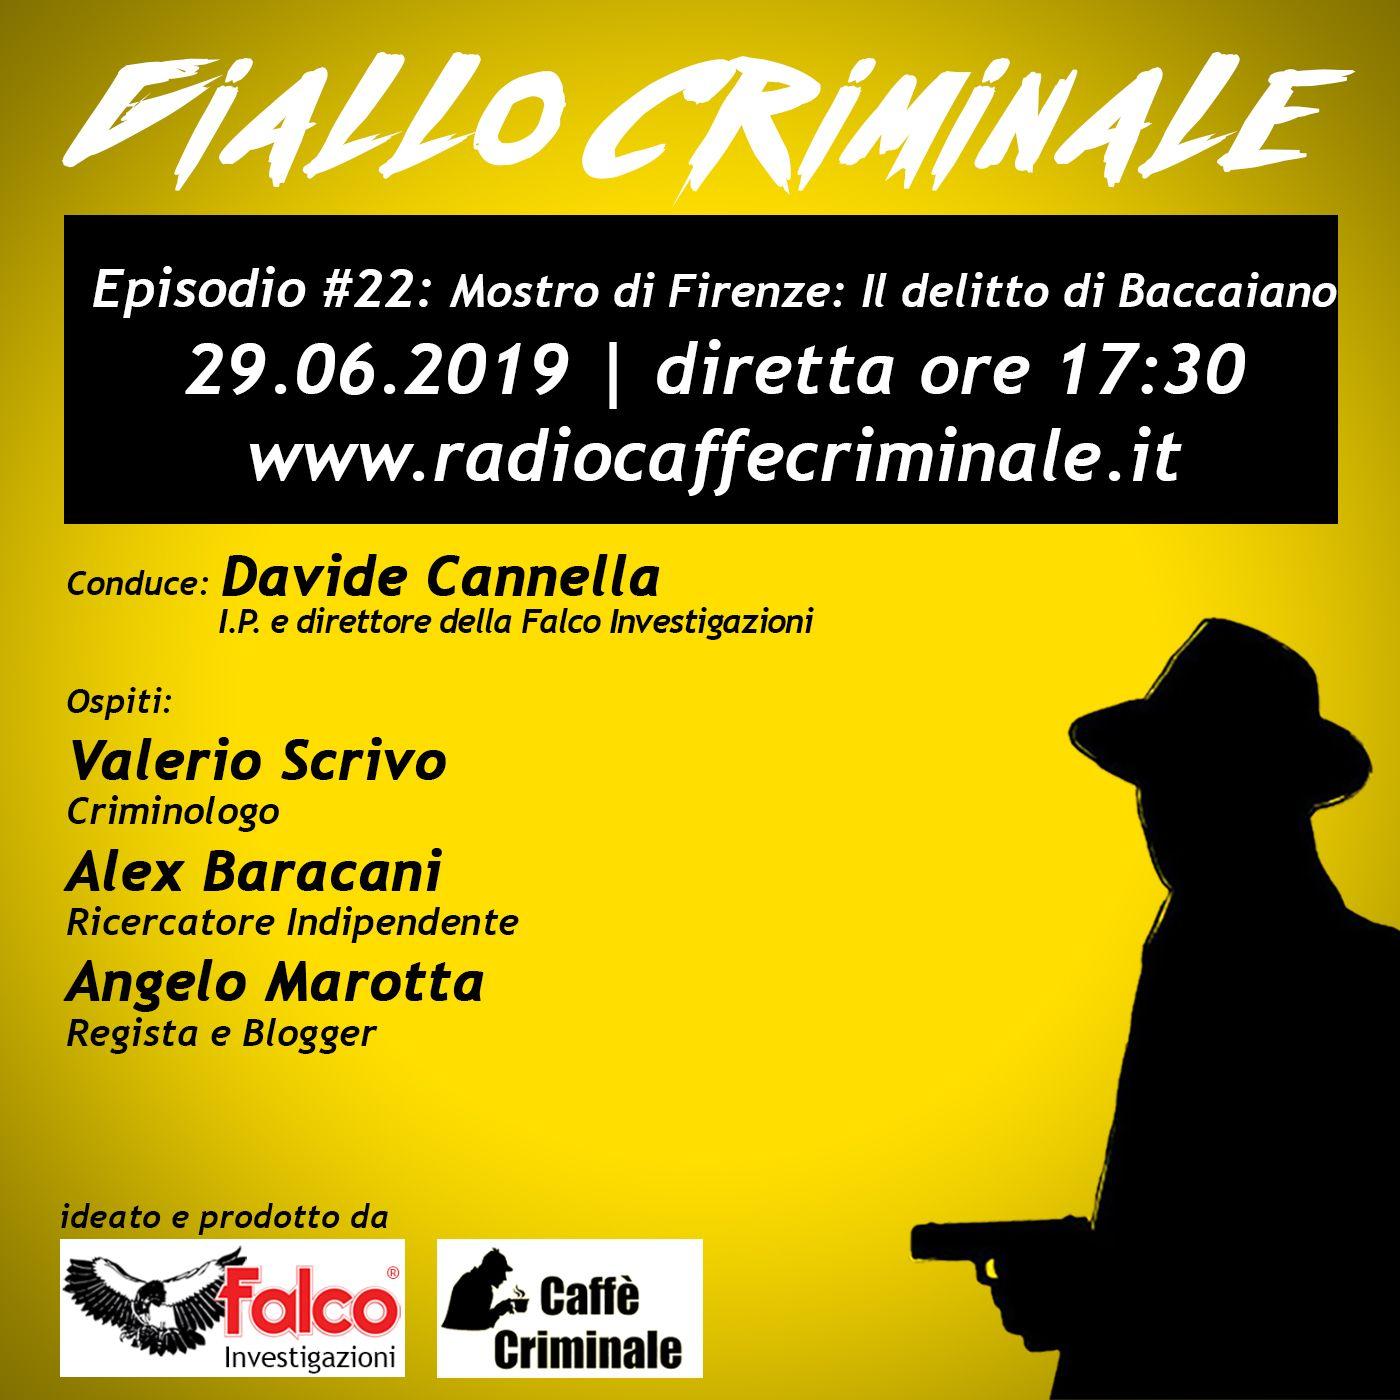 #22 Episodio | Mostro di Firenze, Delitto di Baccaiano_29.06.2019